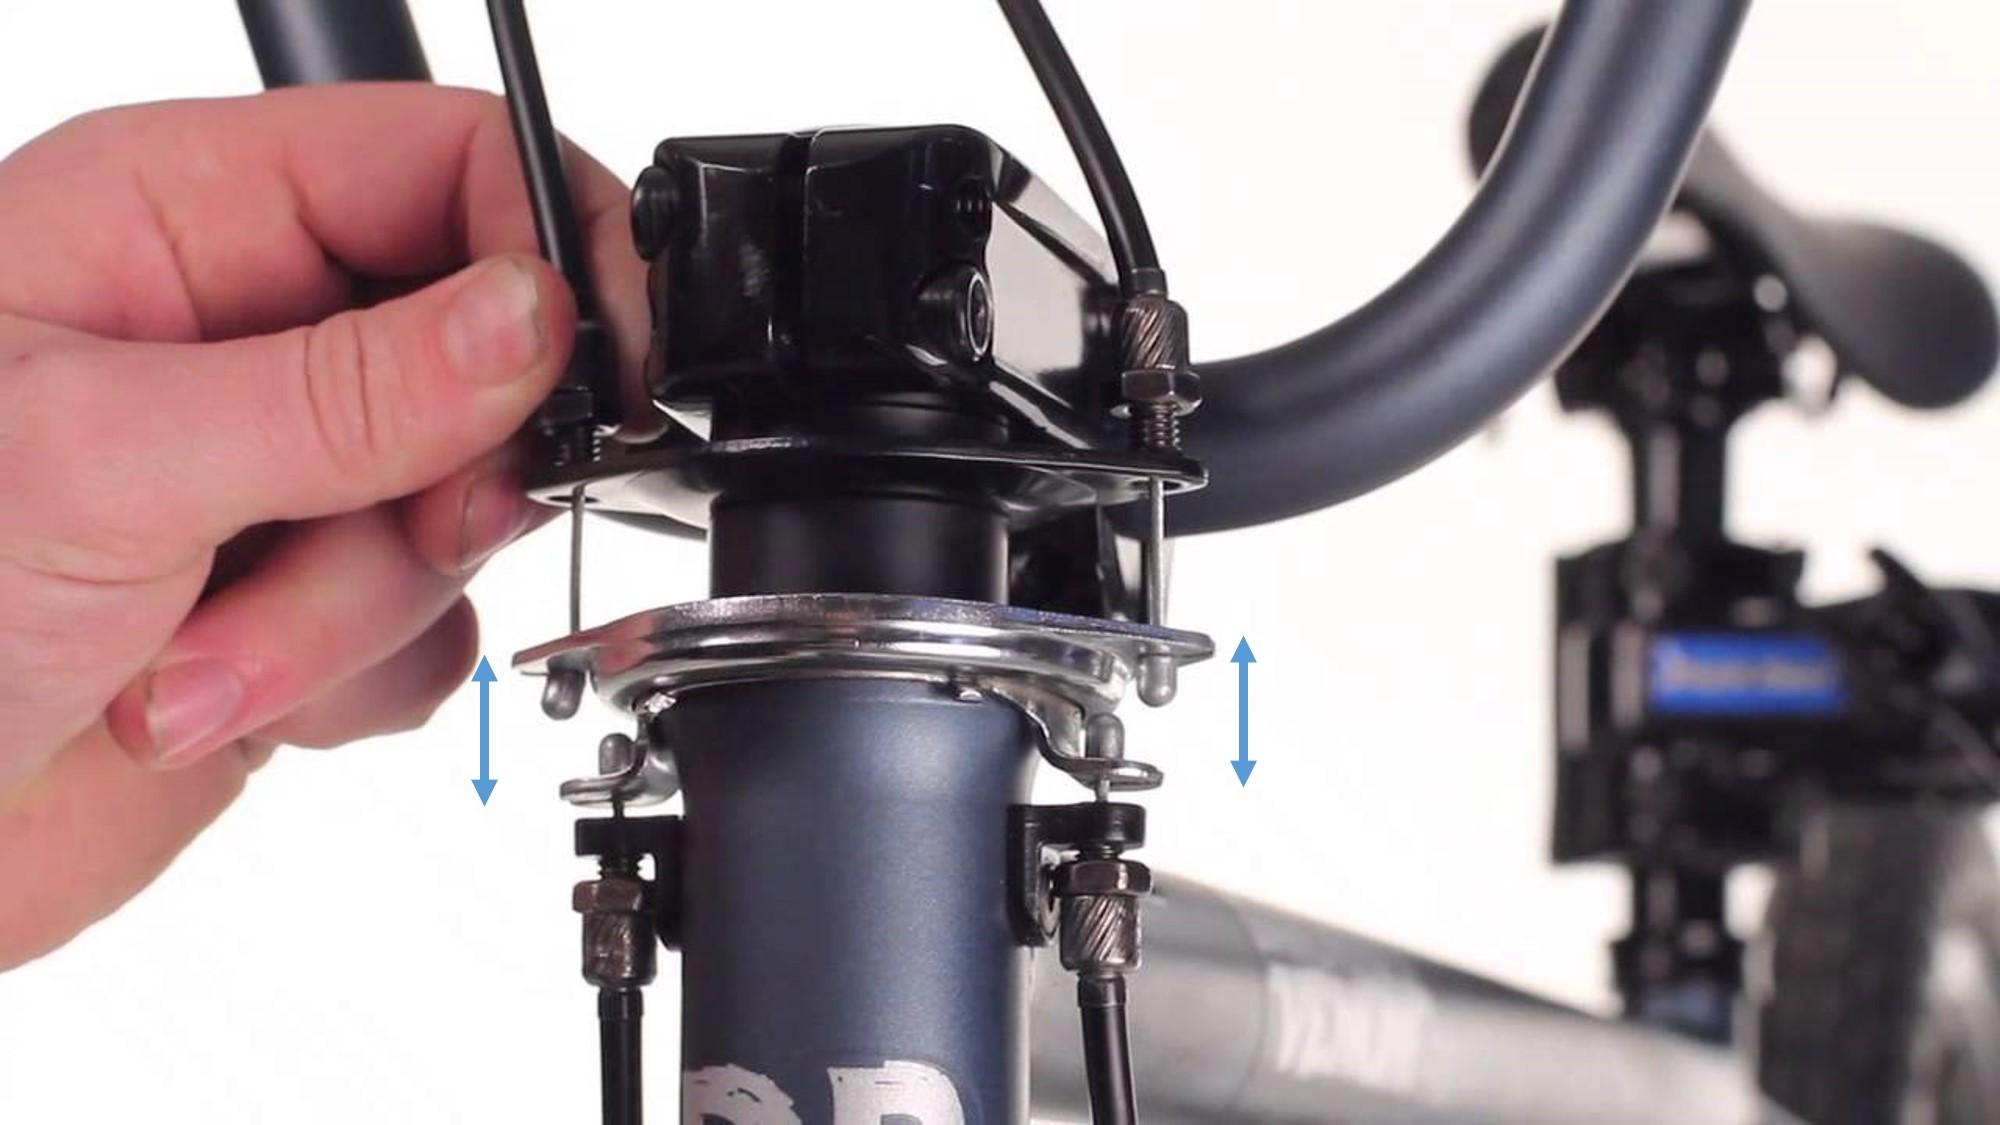 Mekanisme rem gyro atau rotor